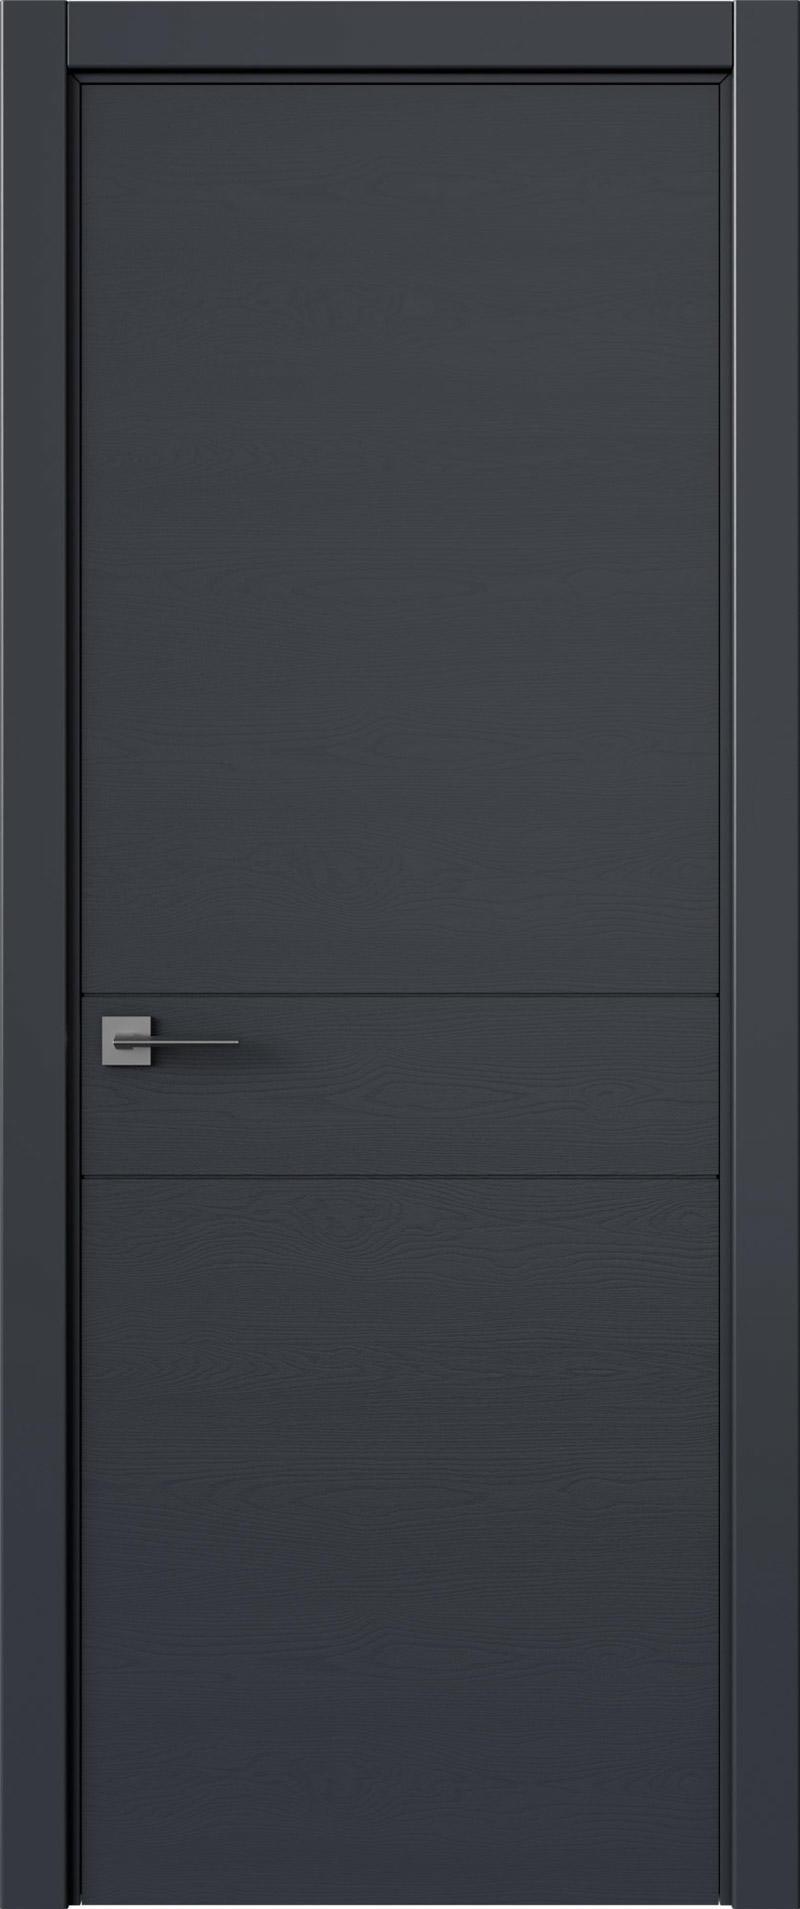 Tivoli И-2 цвет - Графитово-серая эмаль по шпону (RAL 7024) Без стекла (ДГ)